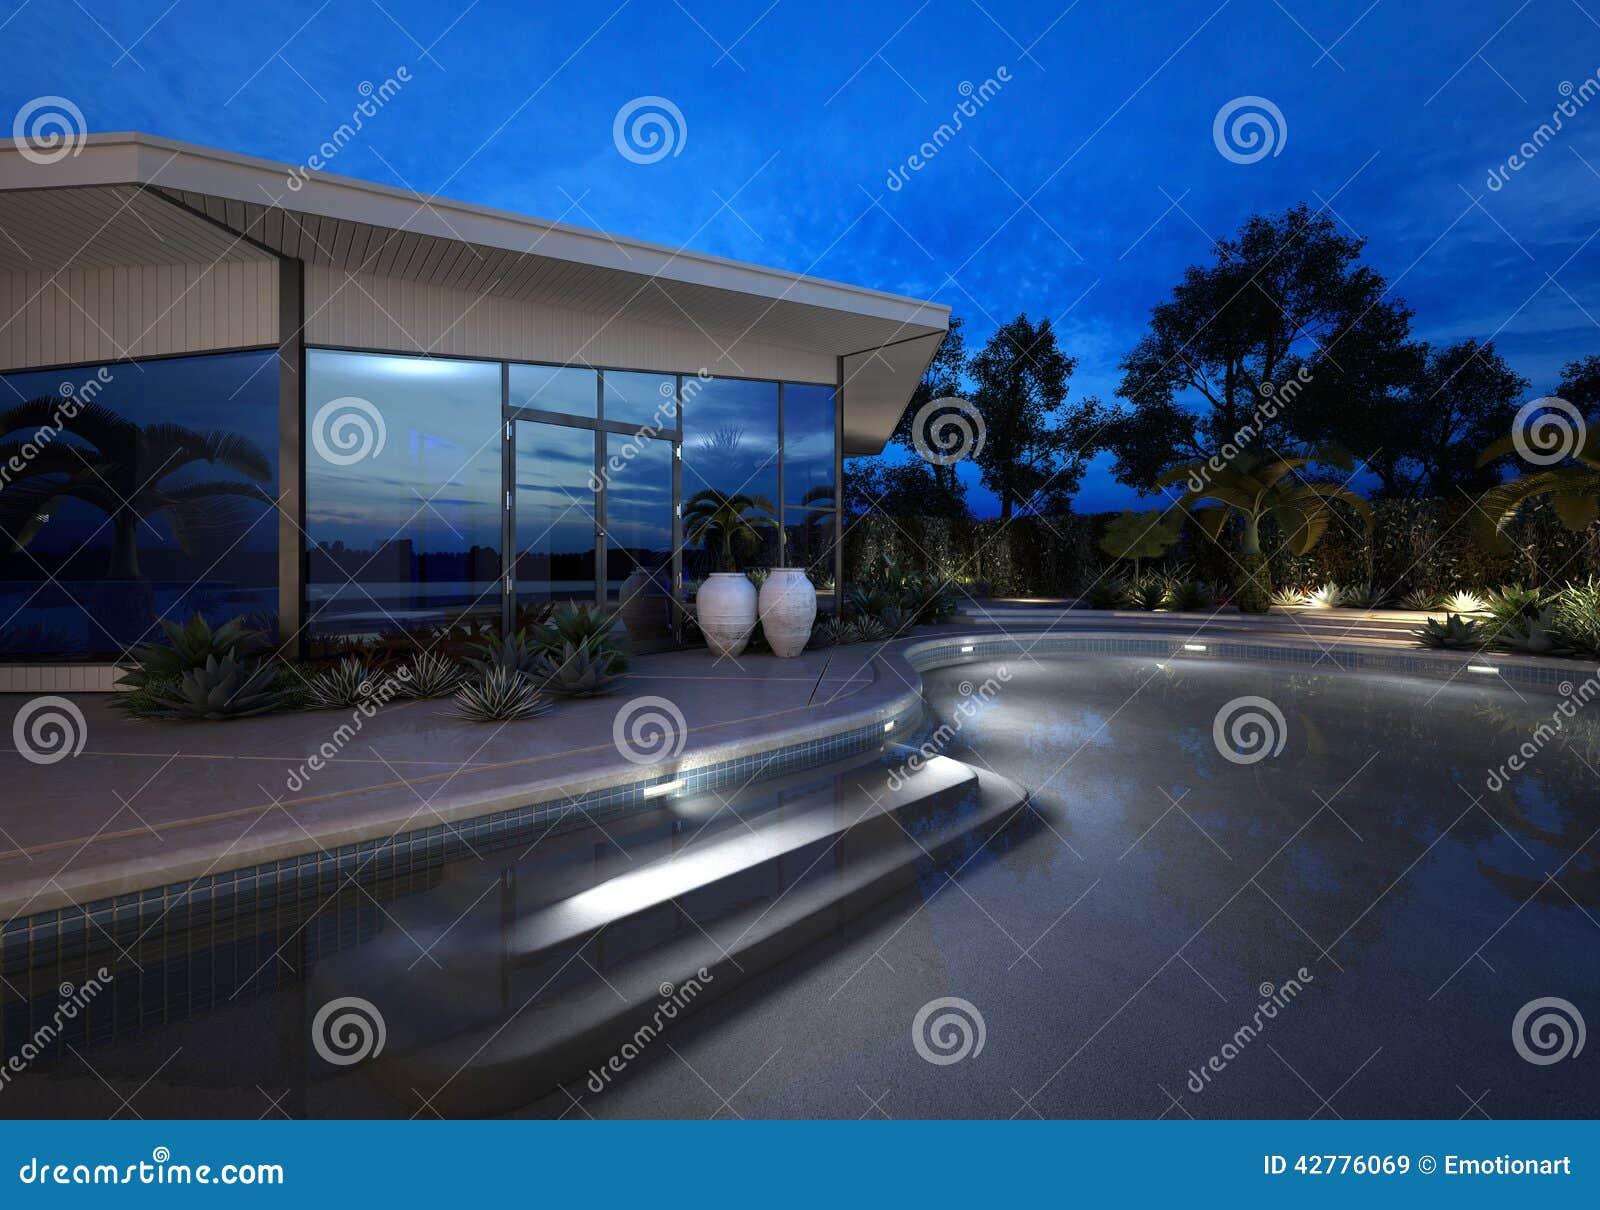 Luxury villa at night with an illuminated pool